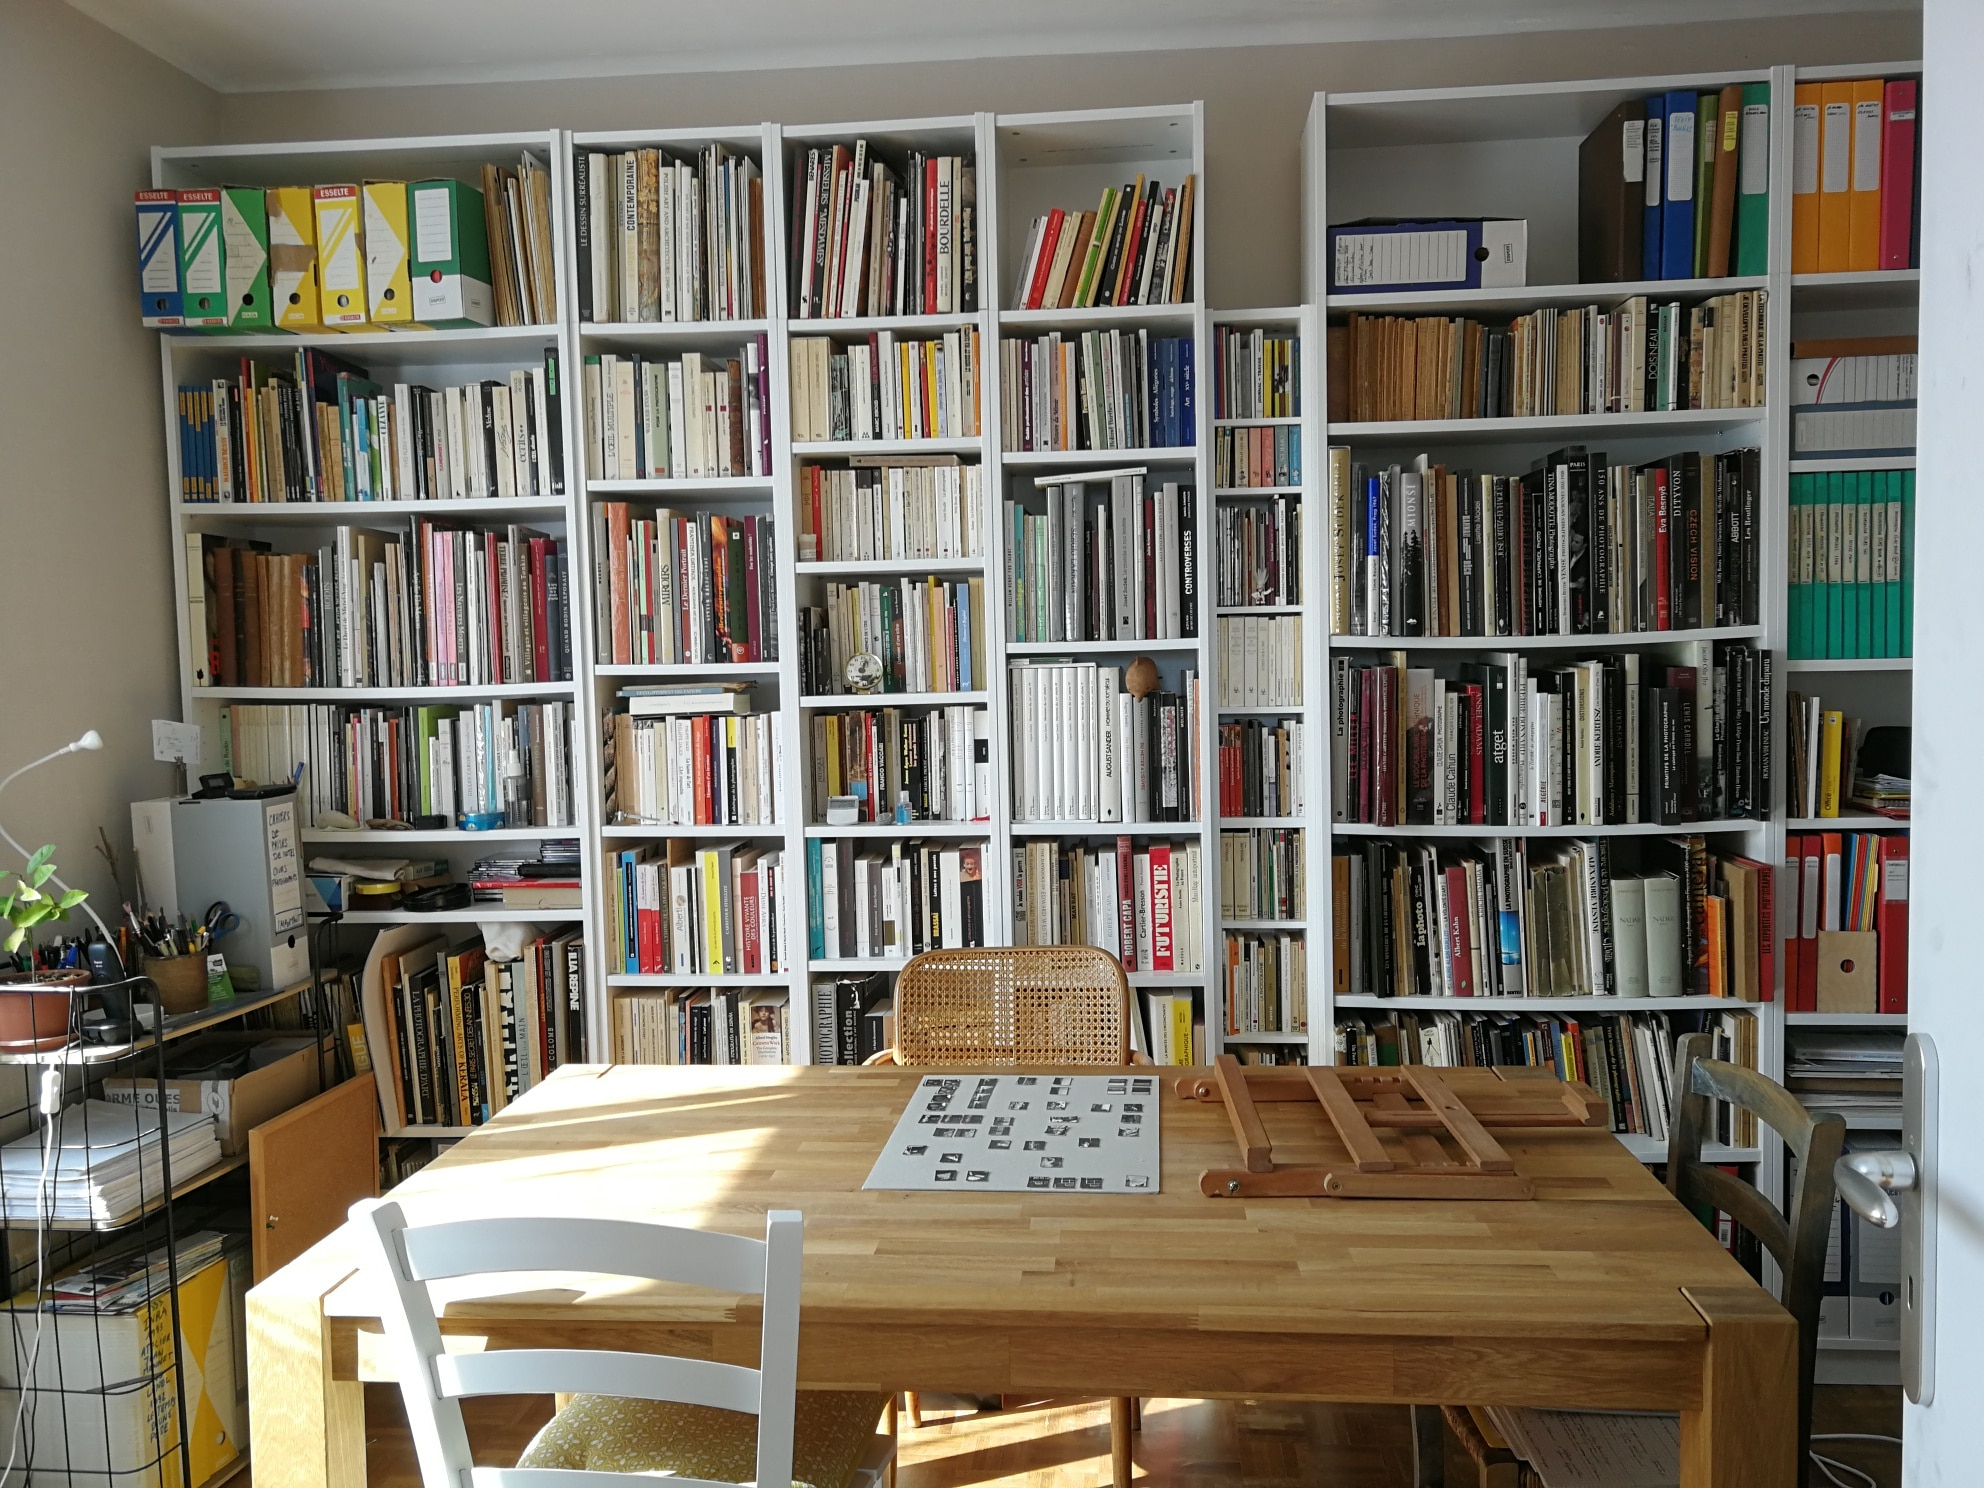 Les yeux de l'imaginaire. La salle de cours avec sa grande bibliothèque de livres photos.